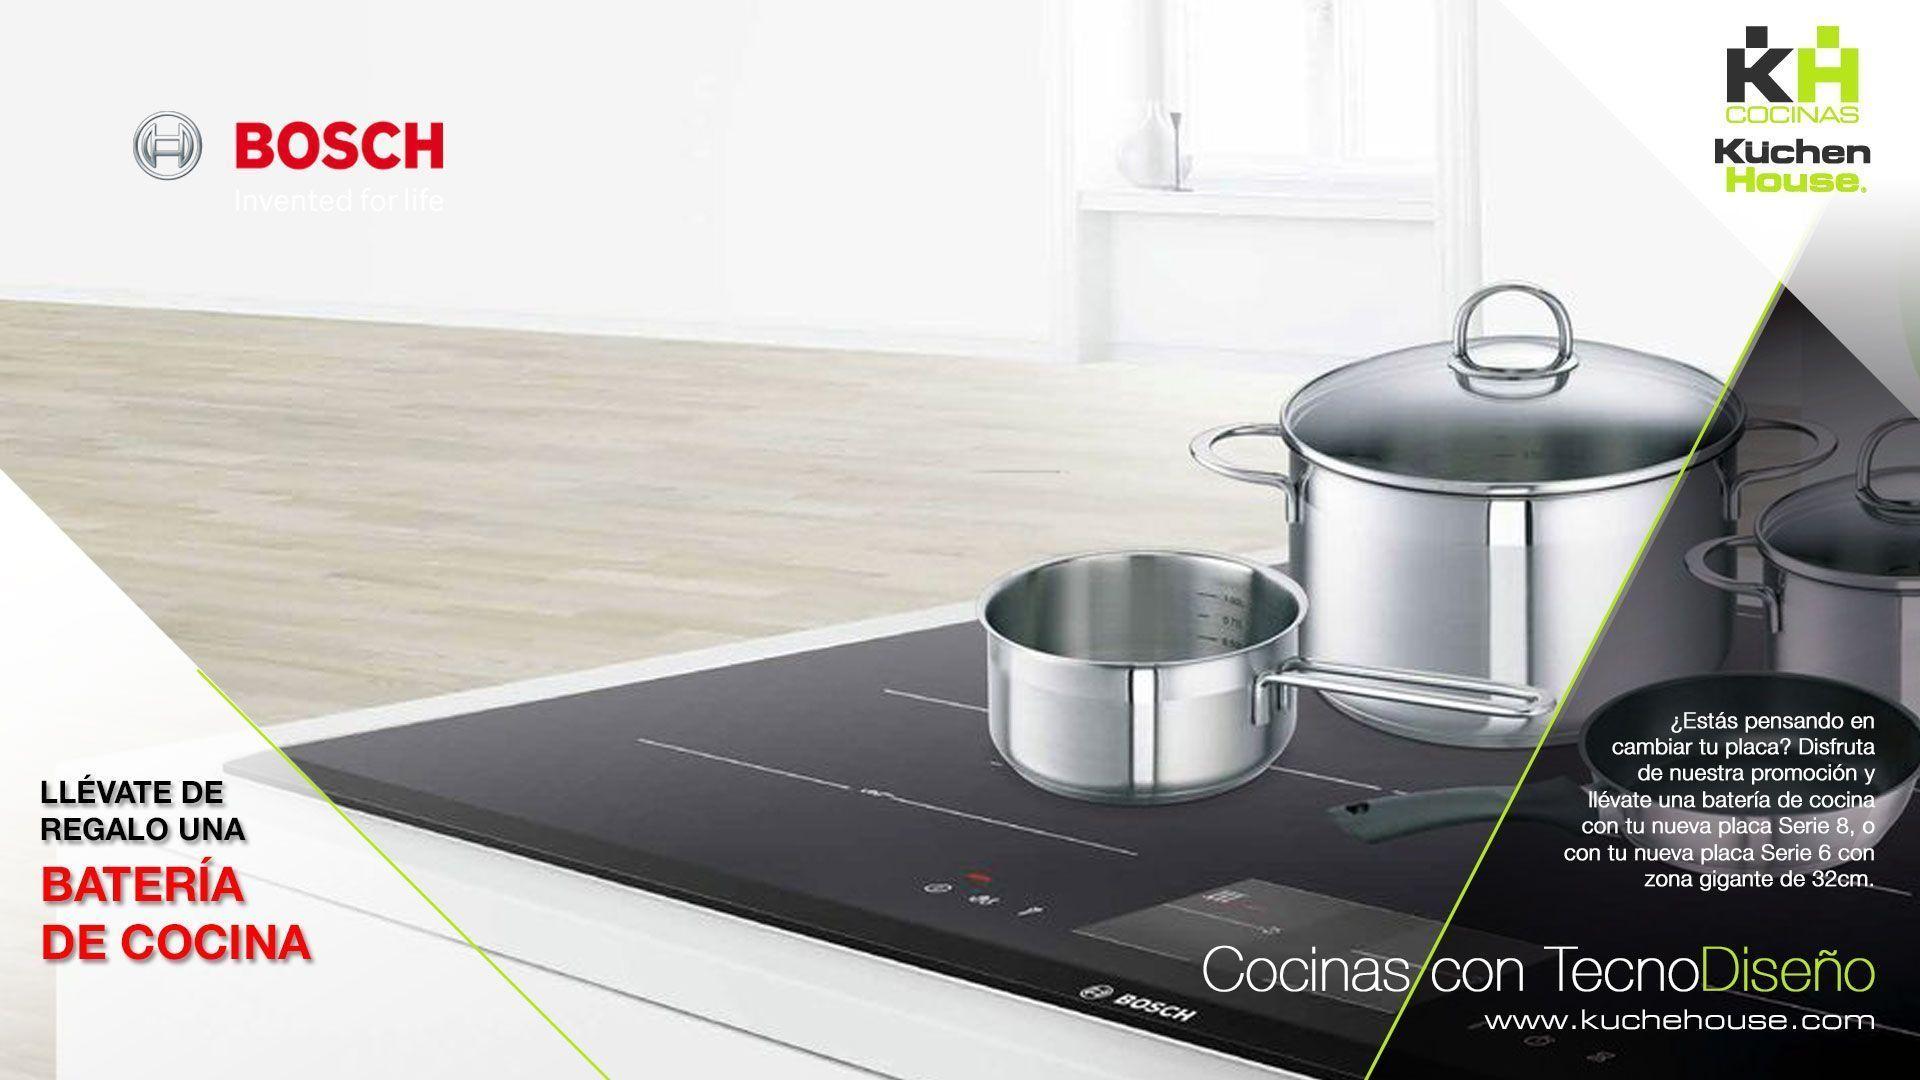 Una batería de cocina de regalo con tu nueva placa Bosch - KuchenHouse - Reformas - Armarios - Hogar